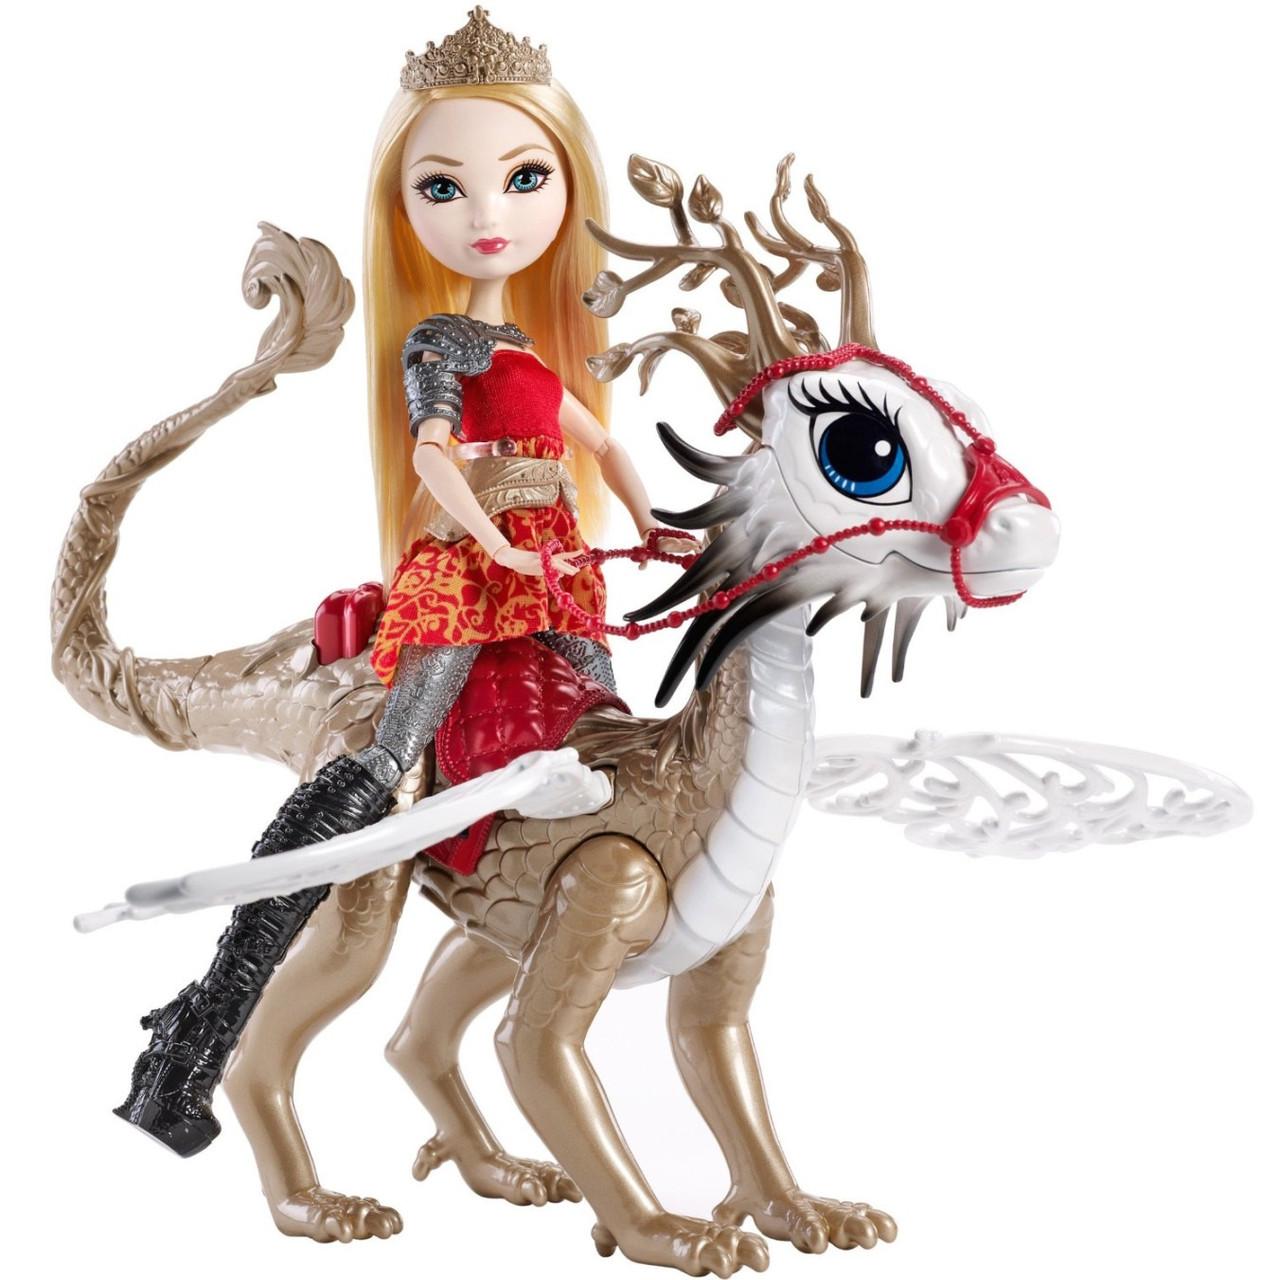 Кукла Эппл Вайт - Игры Драконов, Школа Долго и Счастливо